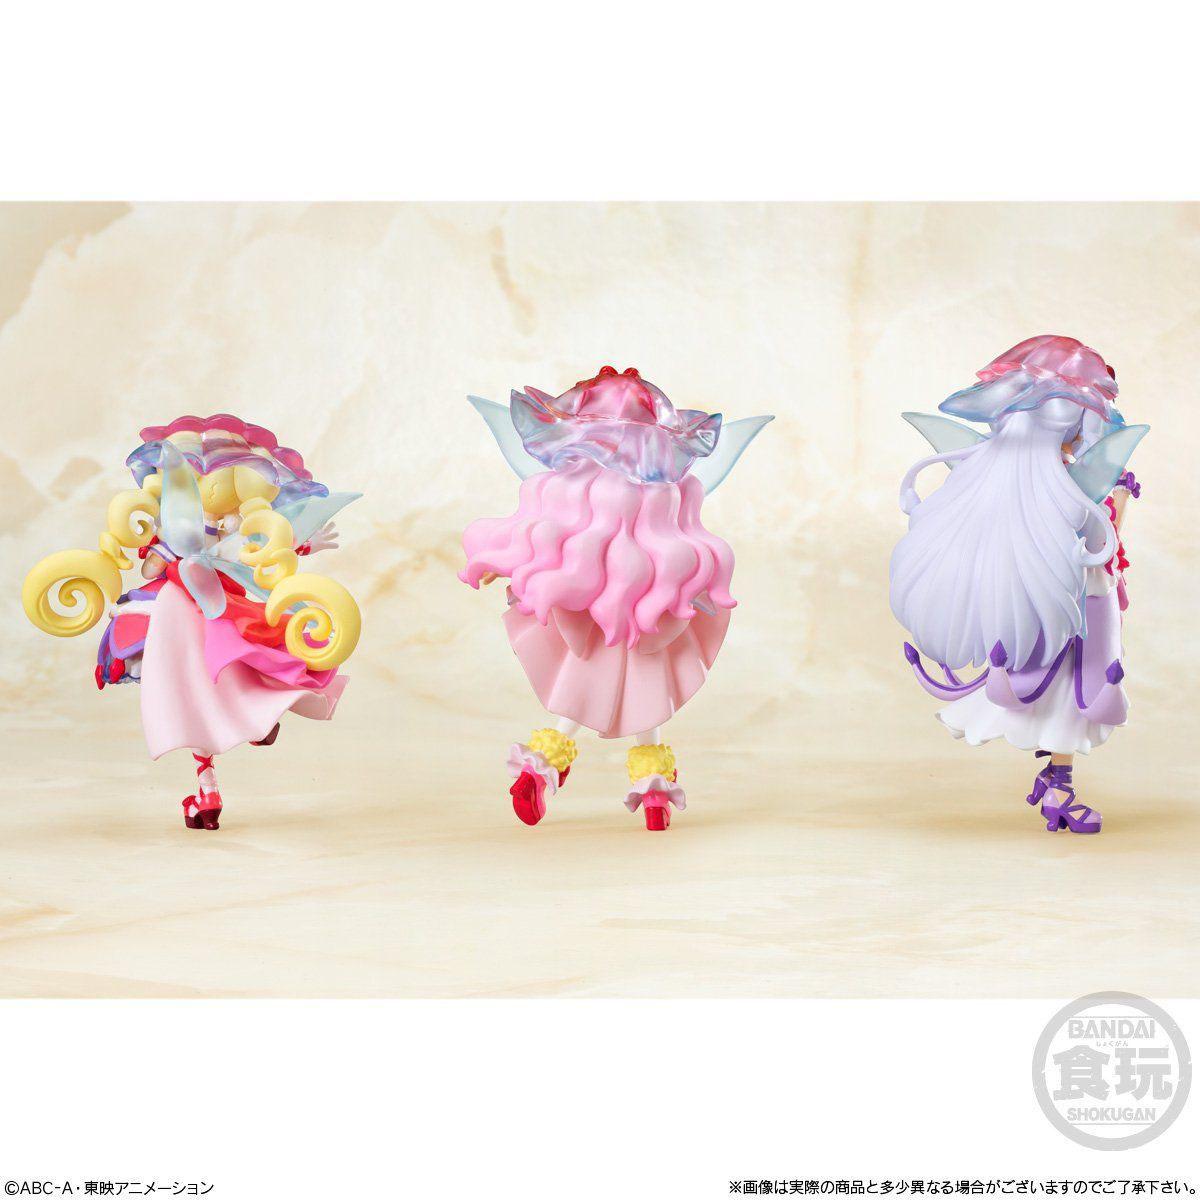 【食玩】HUGっと!プリキュア『キューティーフィギュア 4 Special Set』 トレーディング・フィギュア-006